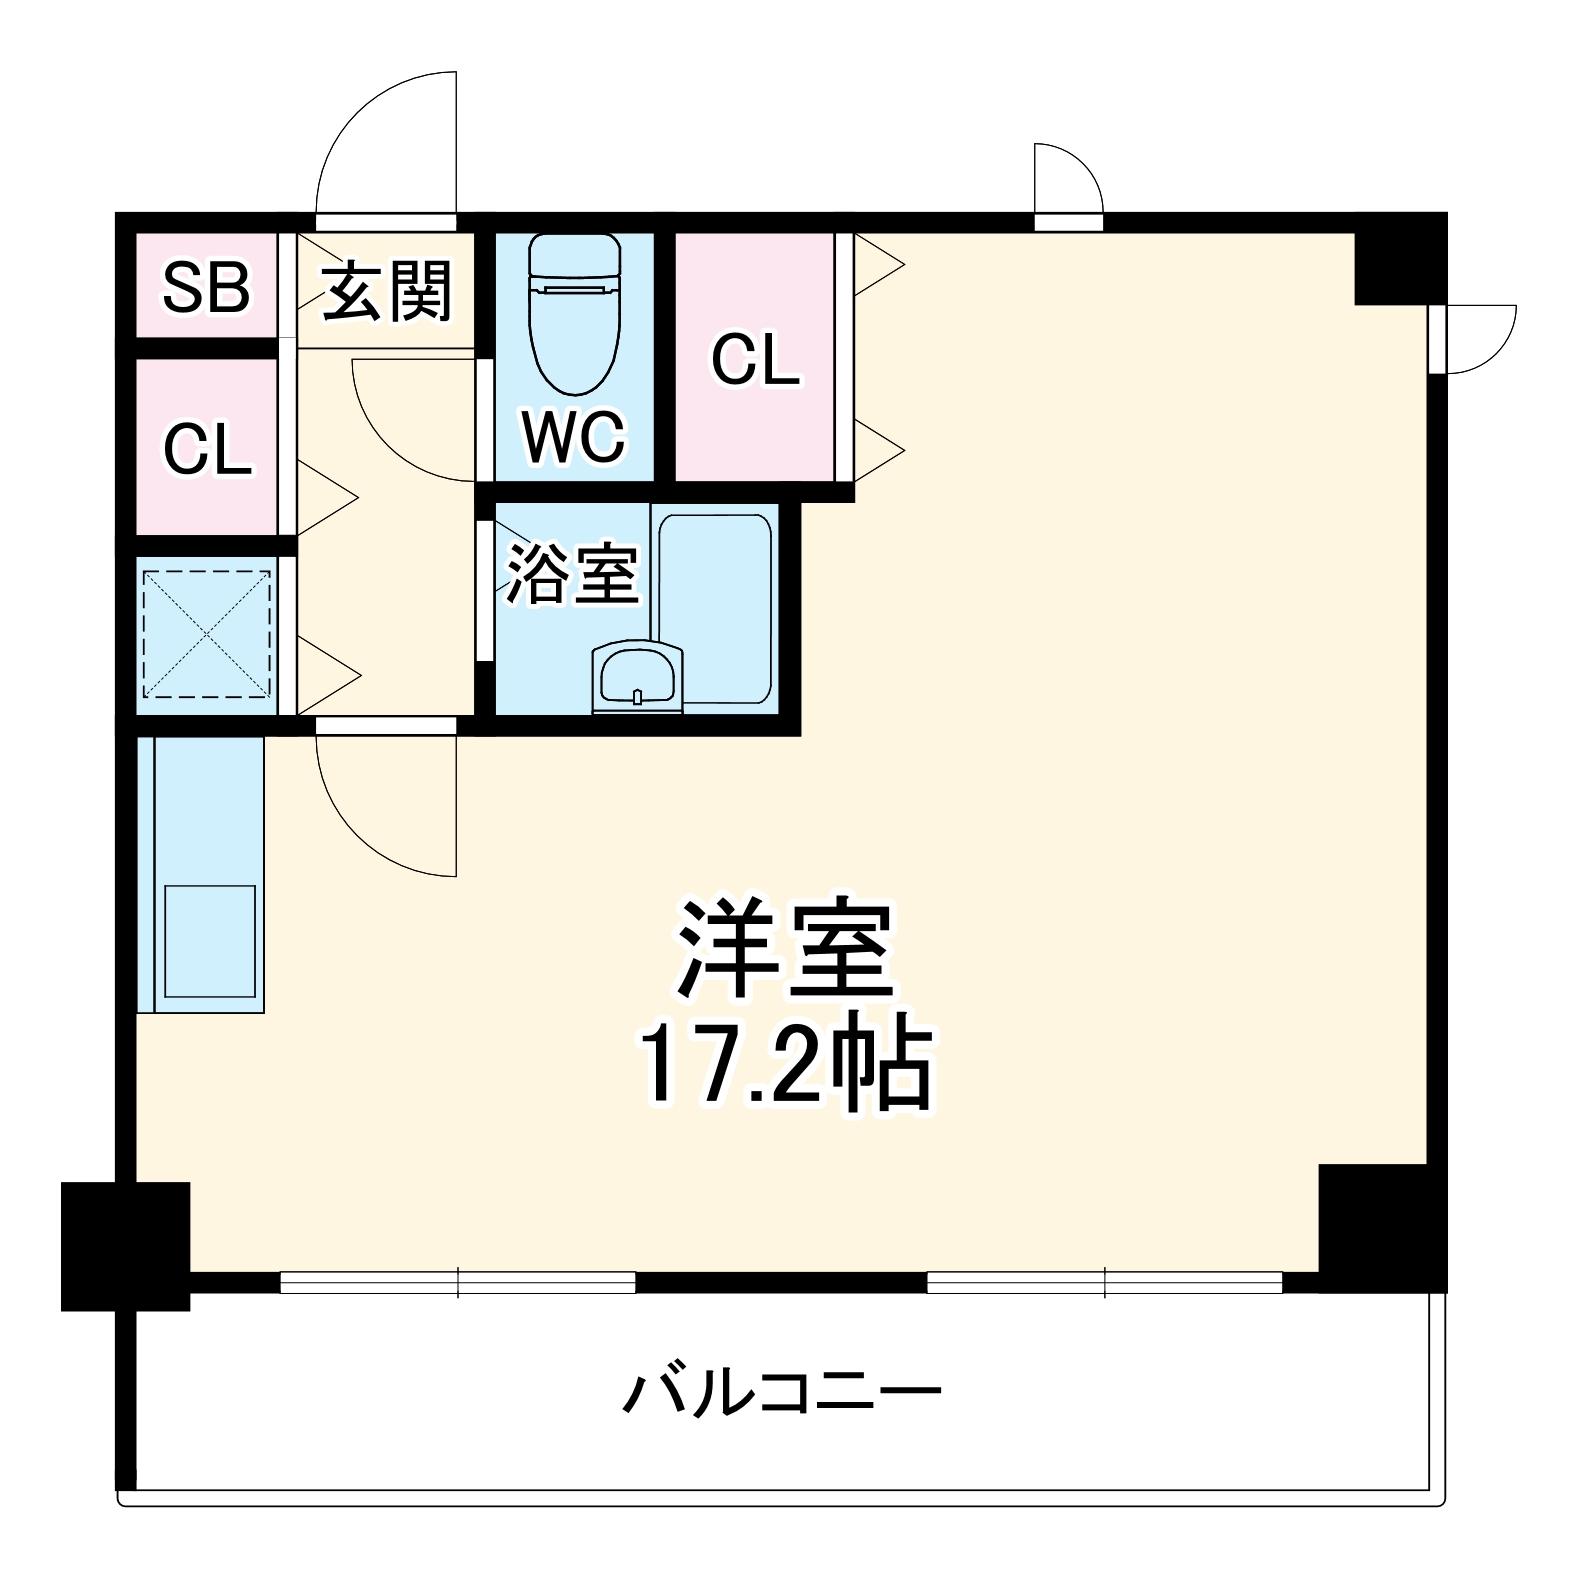 ユニバーサルマンション・301号室の間取り